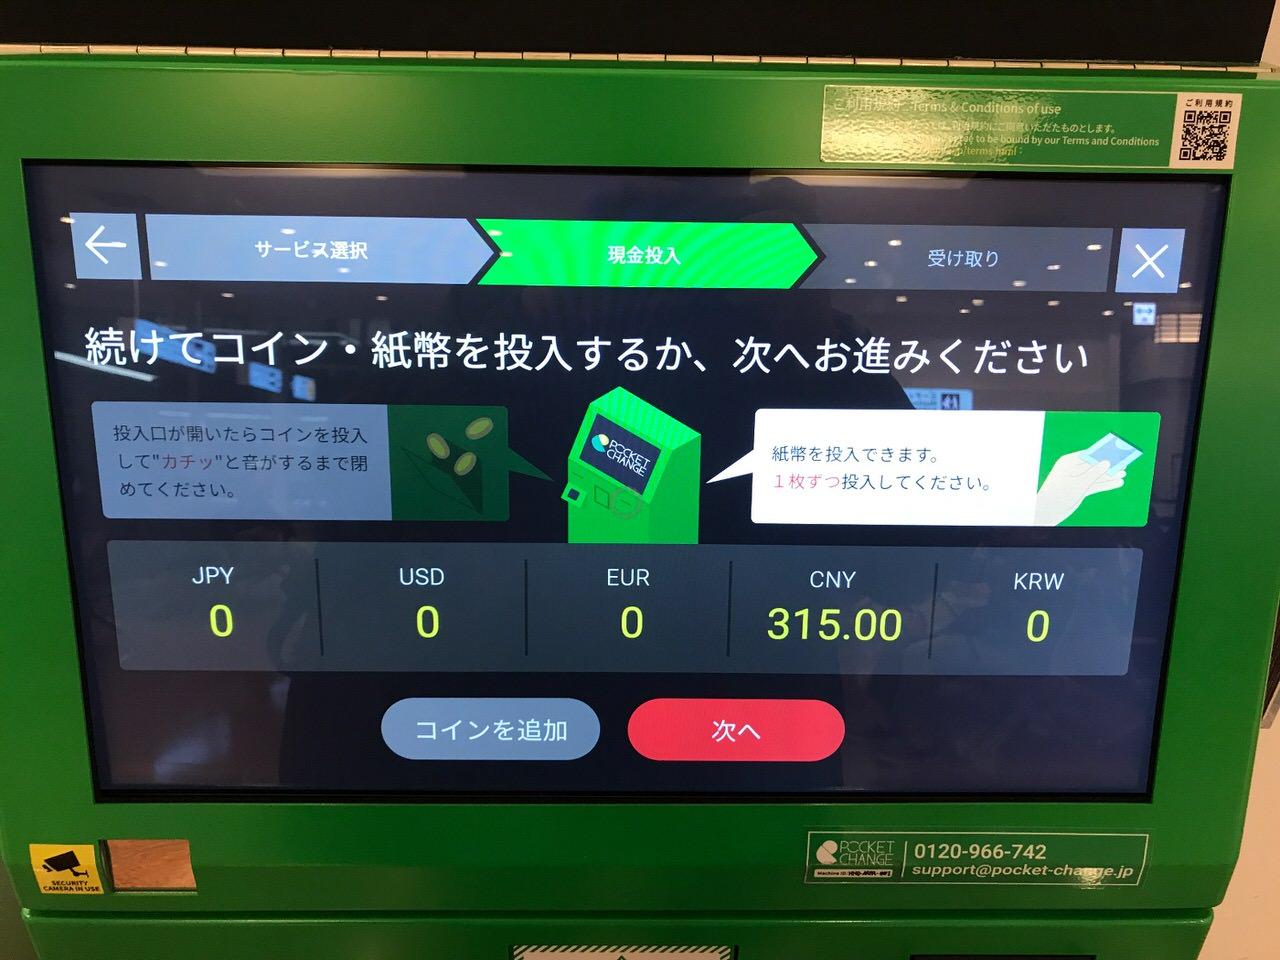 Pocket change 9414